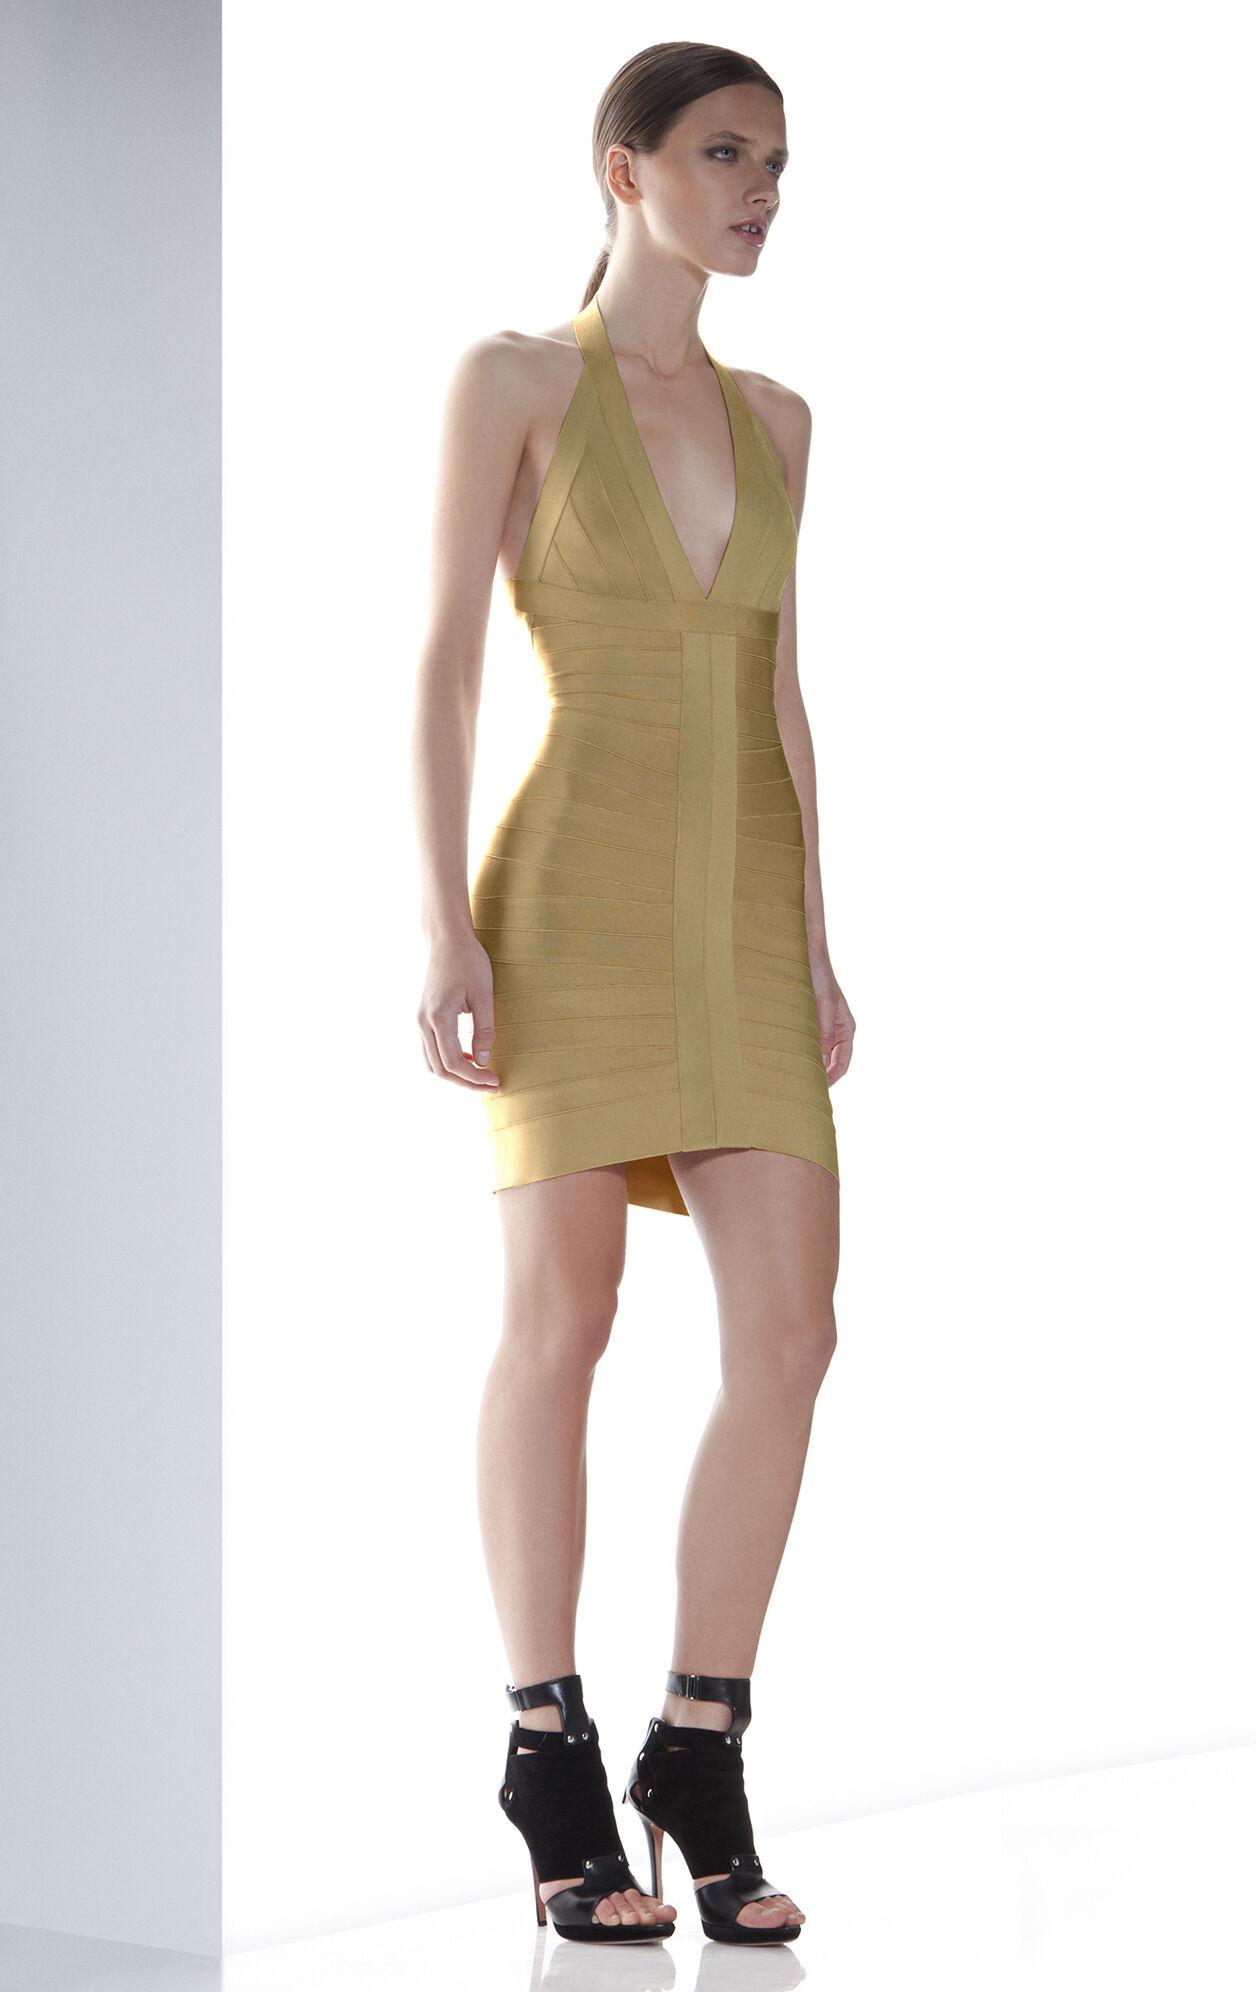 LILOU BANDAGE DRESS